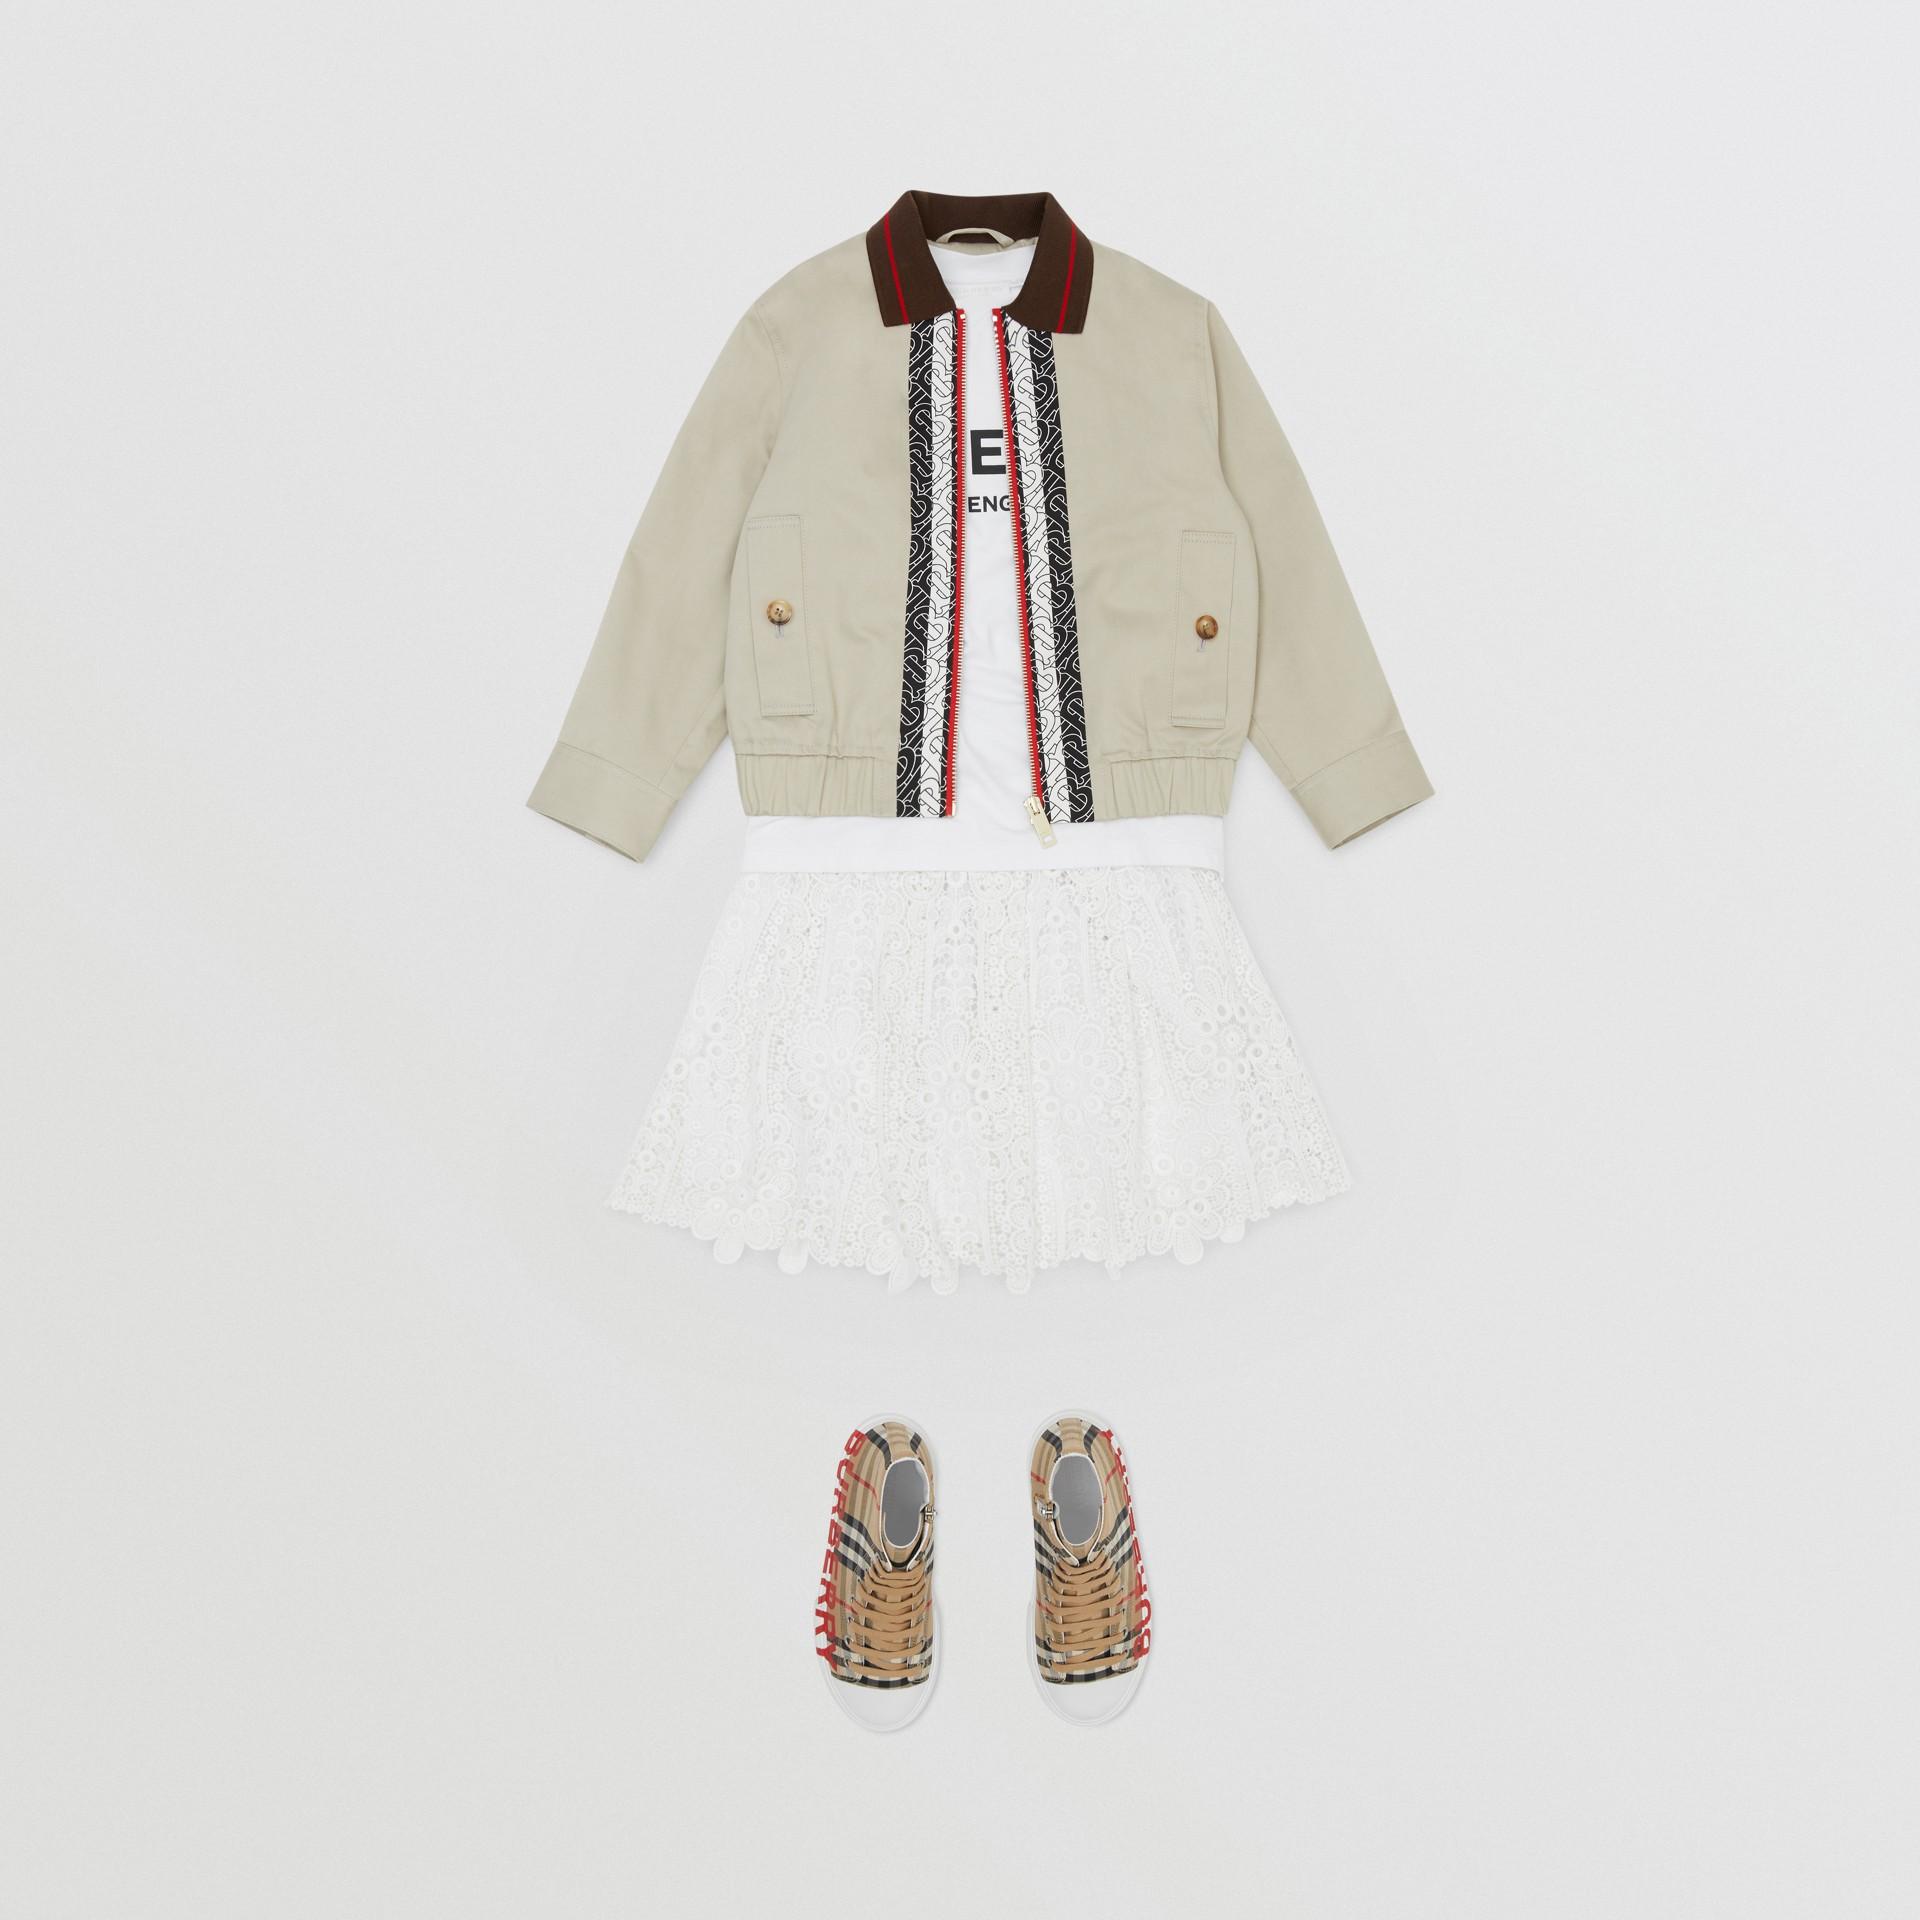 プリーツ マクラメレース スカート (ホワイト) | バーバリー - ギャラリーイメージ 2